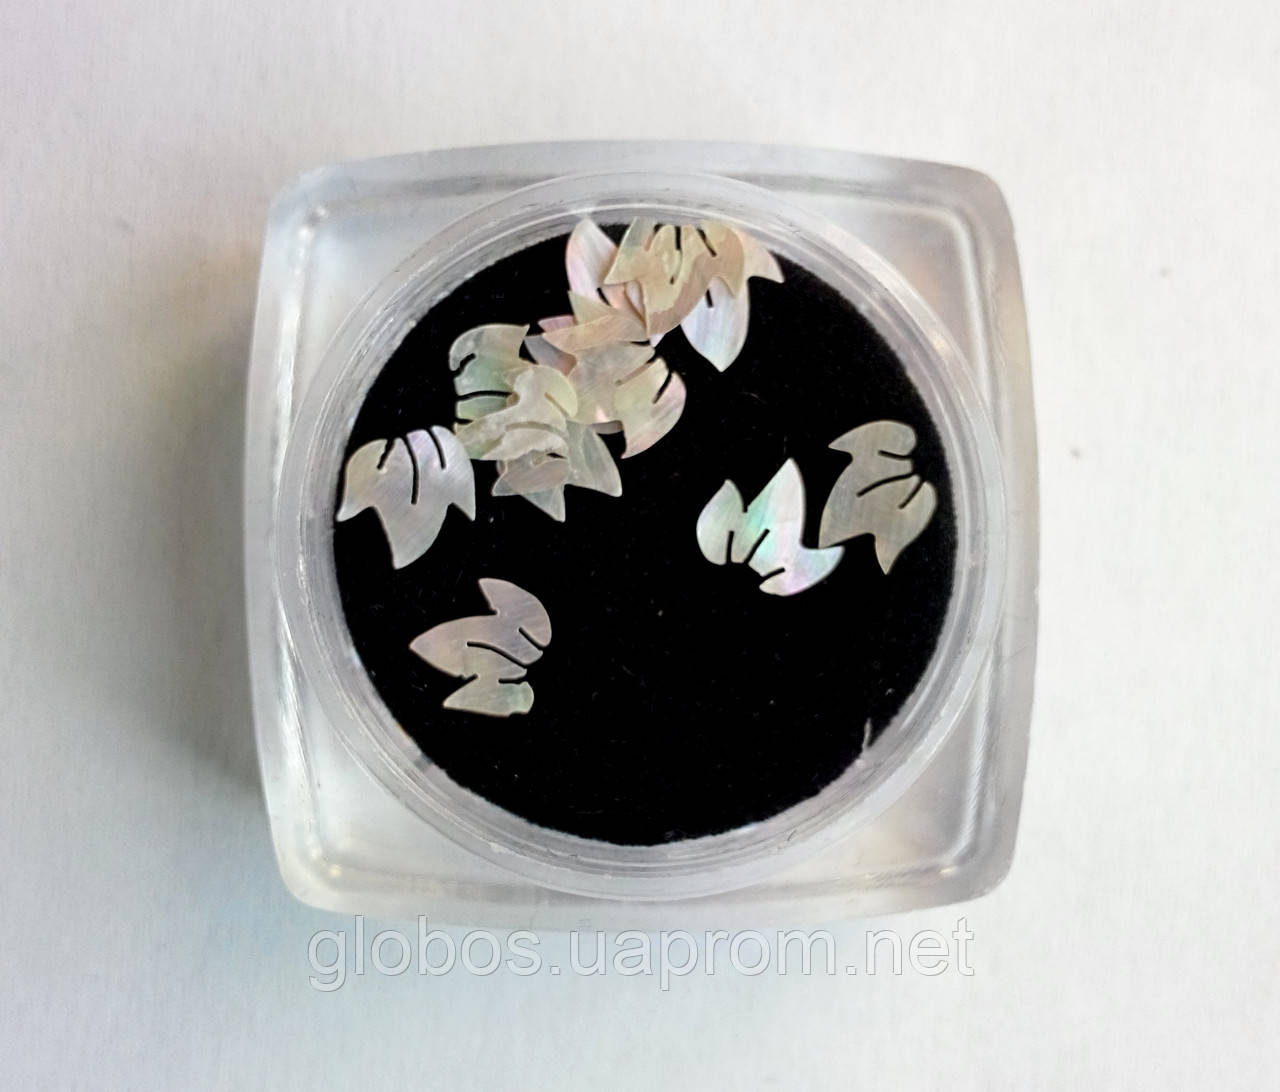 Перламутровые фигурки, ракушка, для аквариумного дизайна ногтей RENEE  IM 07-01